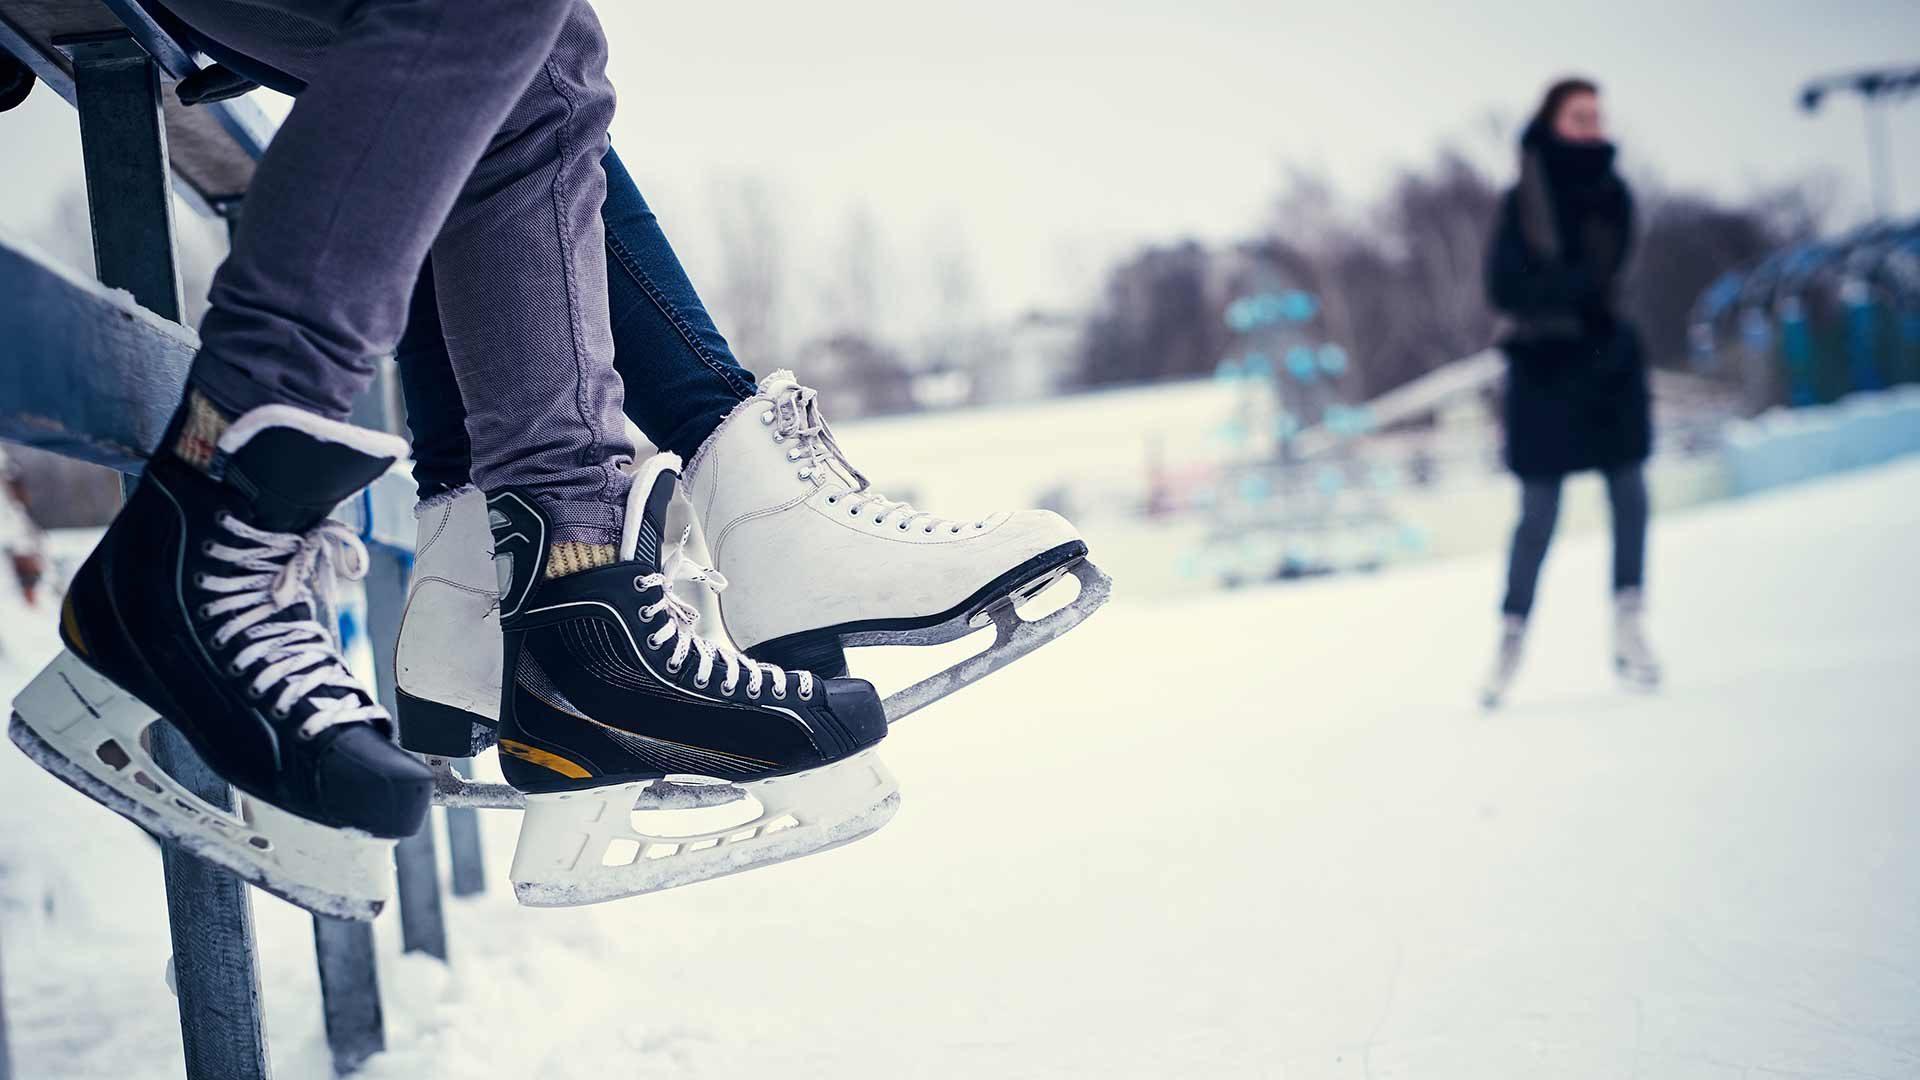 Pattinare sul ghiaccio